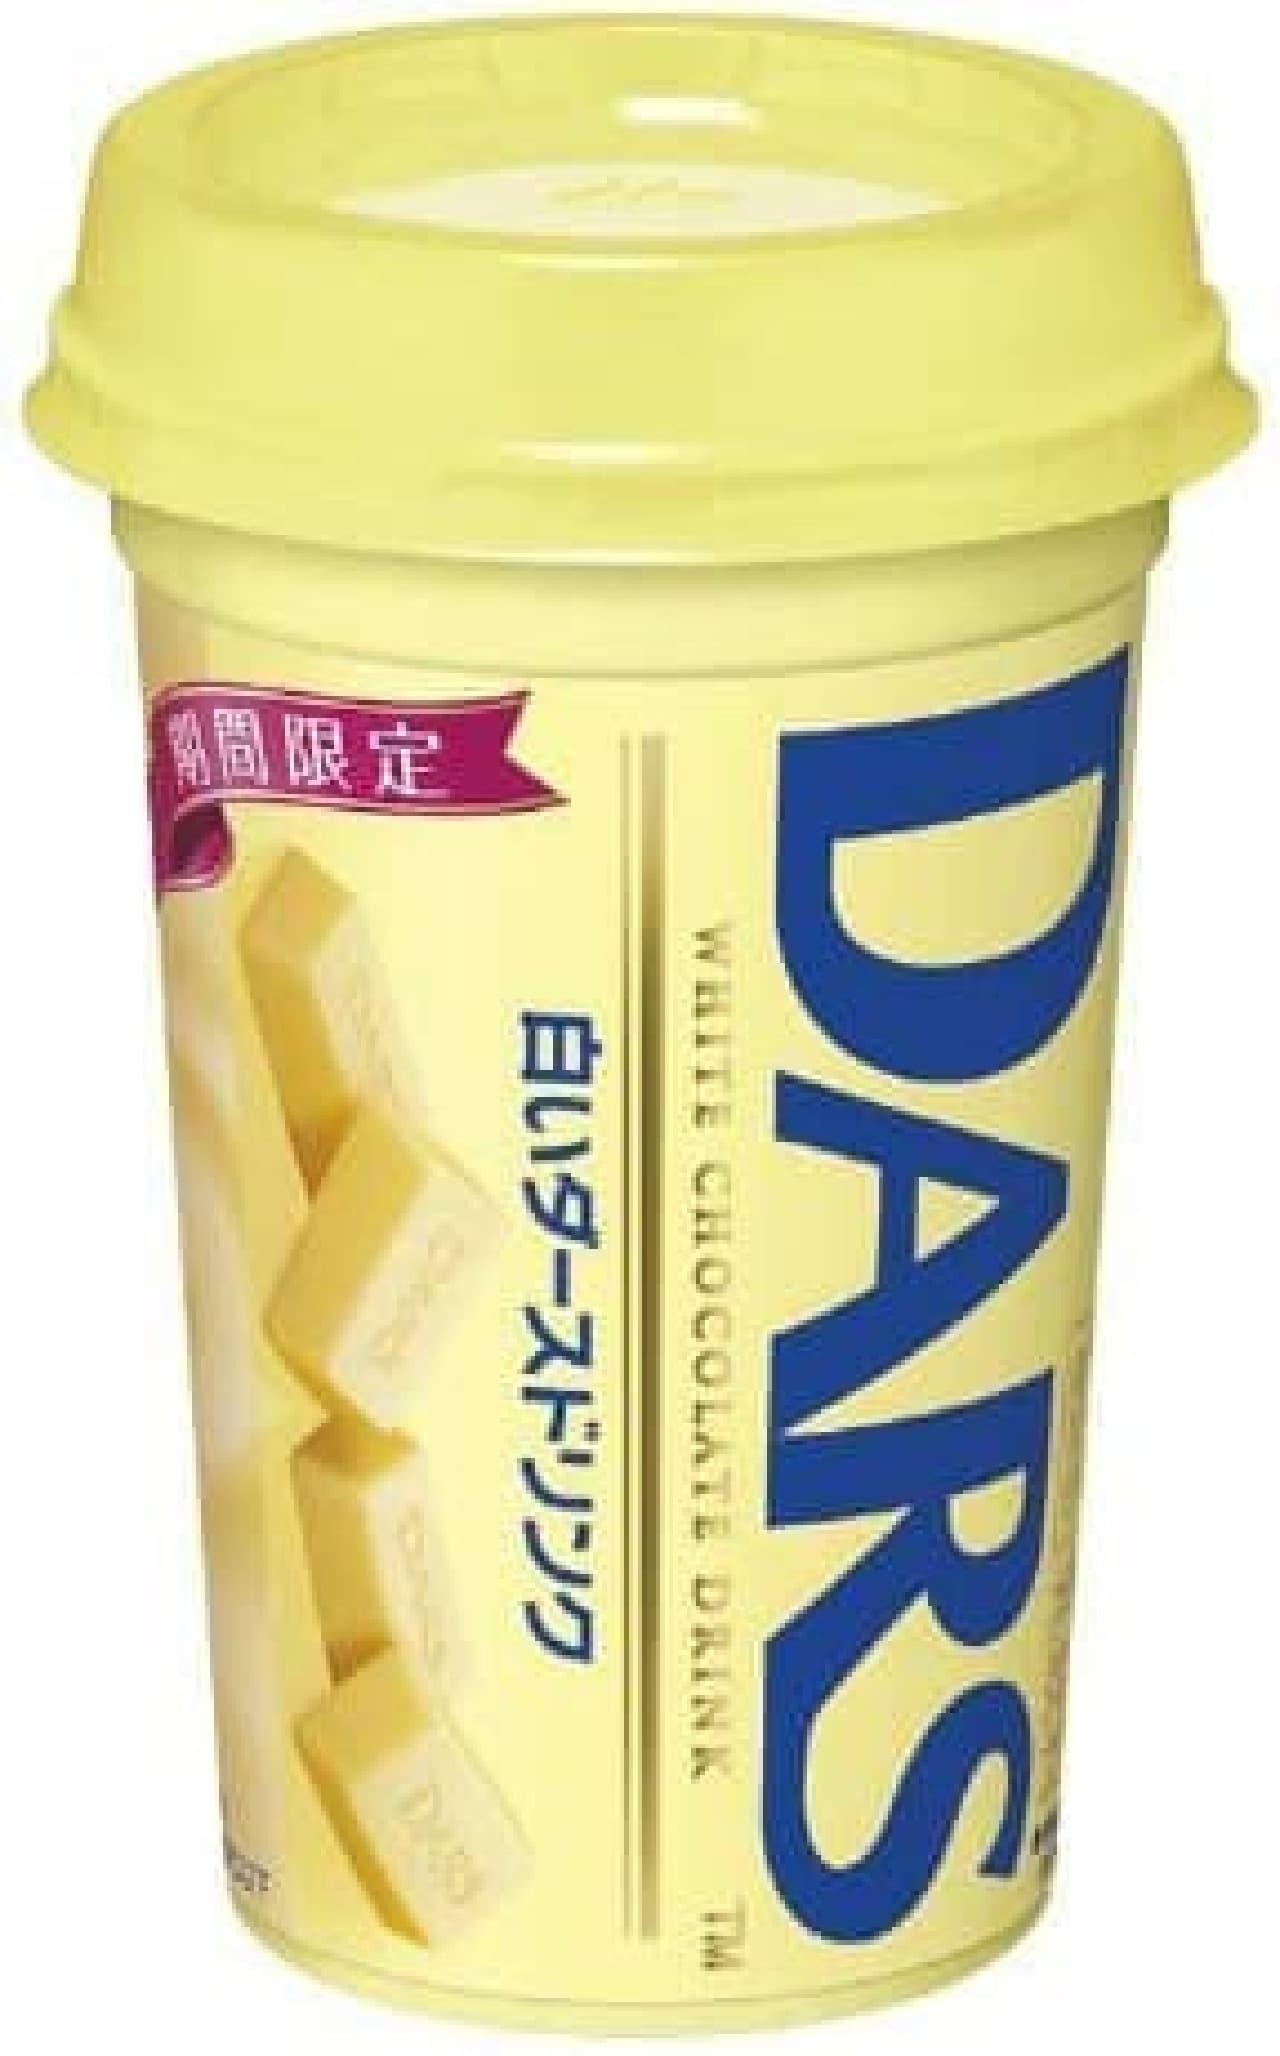 「白いダース」そのままの味わいの「白いダースドリンク」